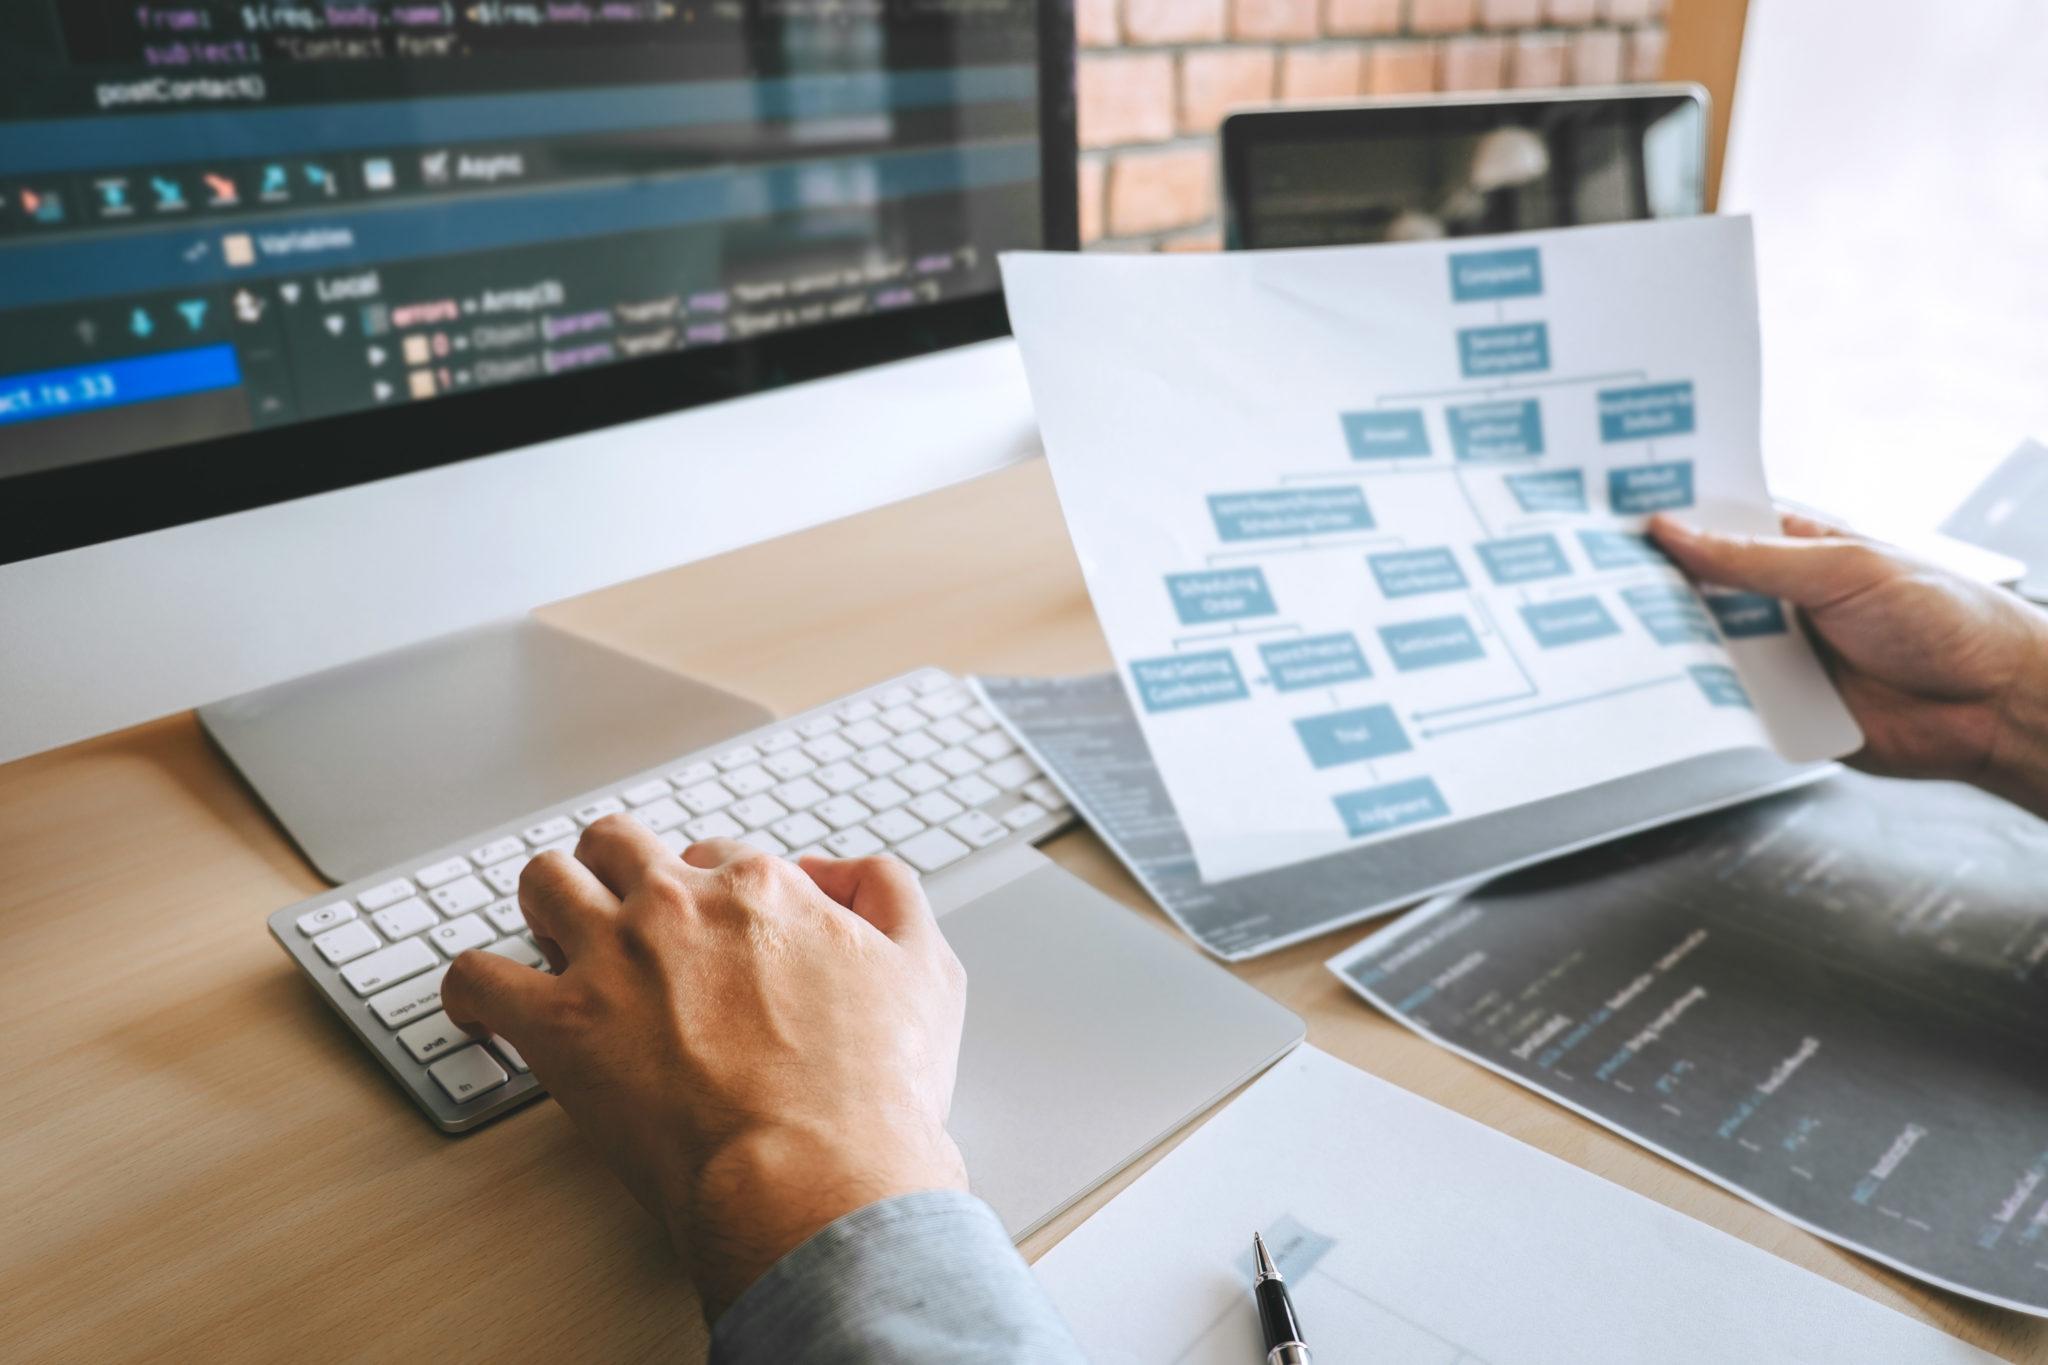 ソフトウェアのウェブサイトを扱うプロの開発者プログラマーdes